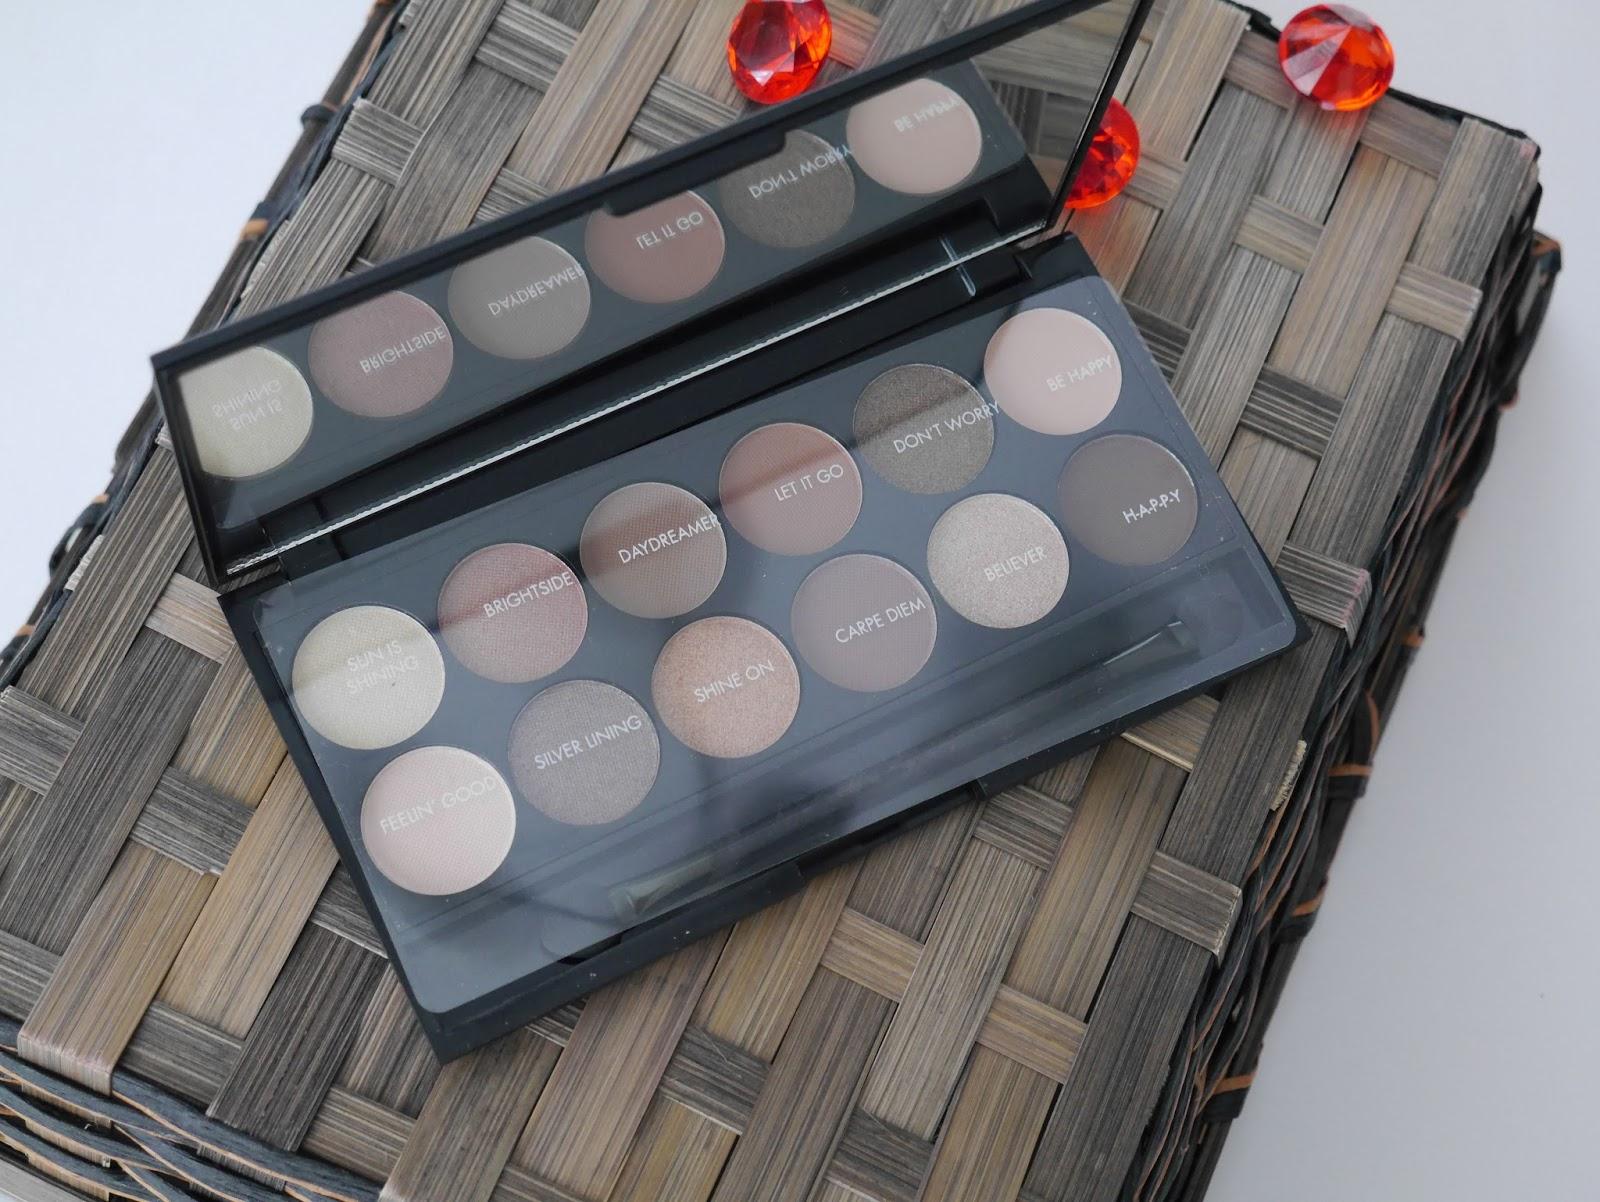 Sleek, eyeshadow, makeup, eyeshadow palettes, drugstore